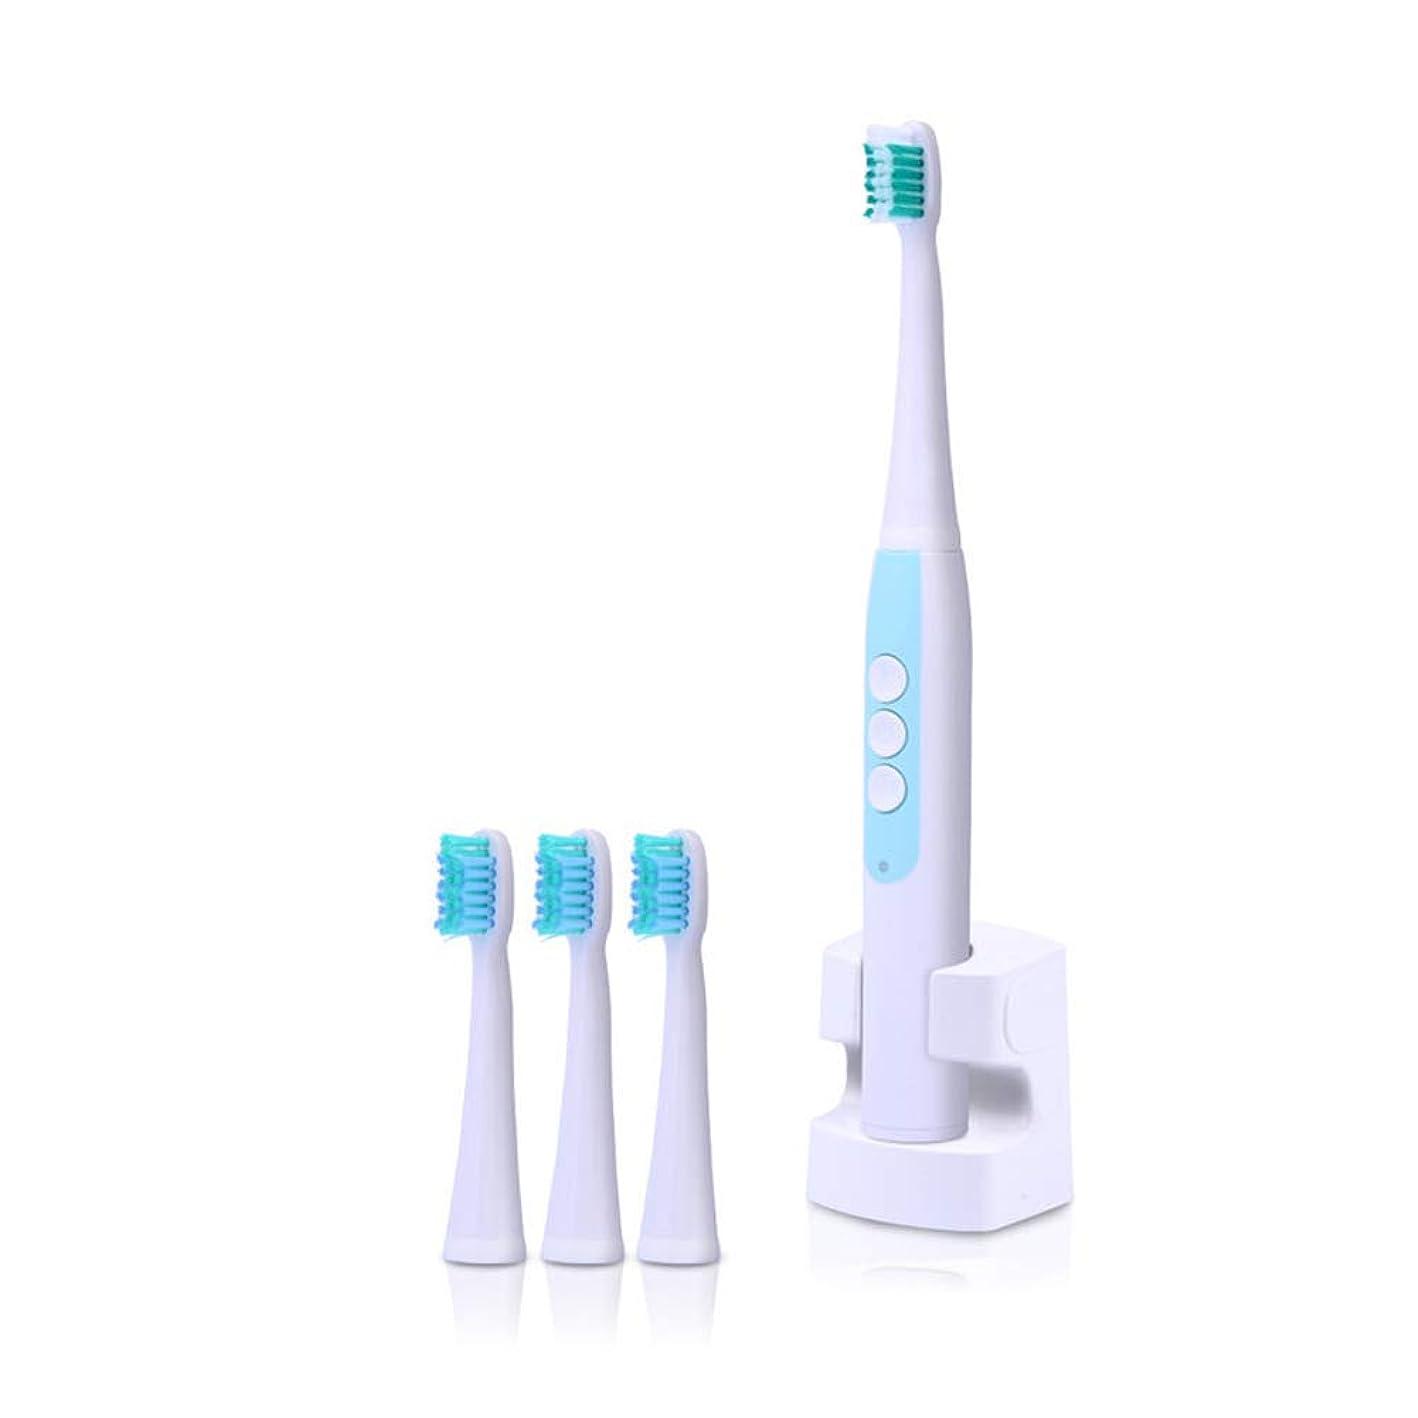 オフェンス過度の樹皮音波電動歯ブラシ防水ワイヤレス充電式4ピース交換可能なブラシヘッドタイマー歯歯ブラシオーラルケア大人用,Blue